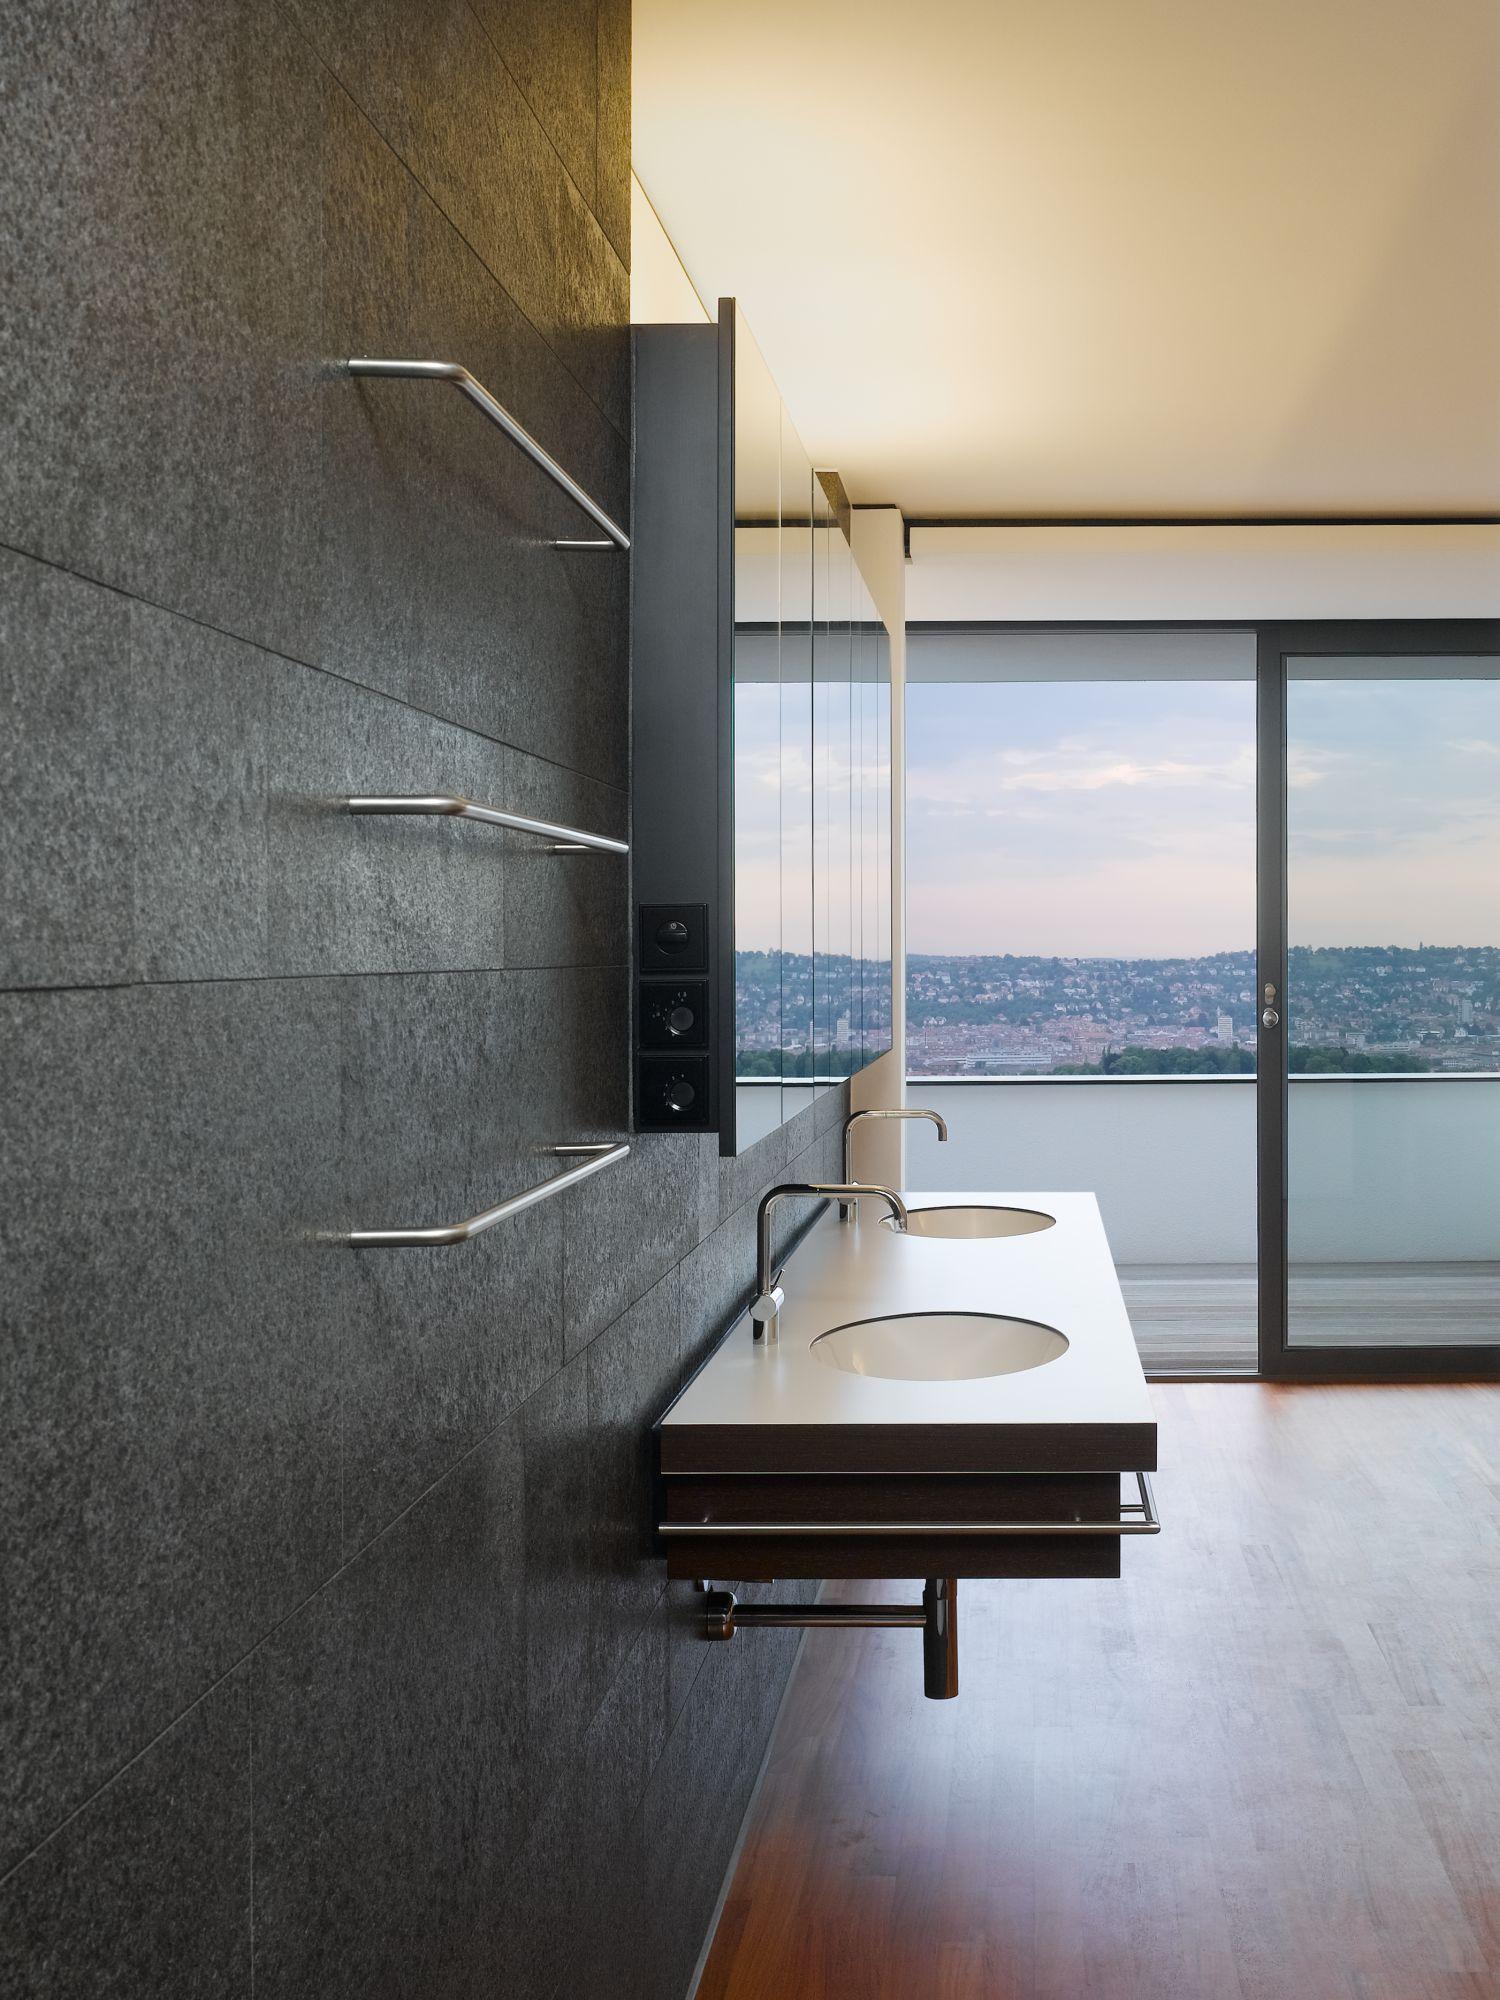 Stilpunkte-Blog: Badezimmer, Haus am oberen Berg, Alexander Brenner, Foto: Zooey Braun